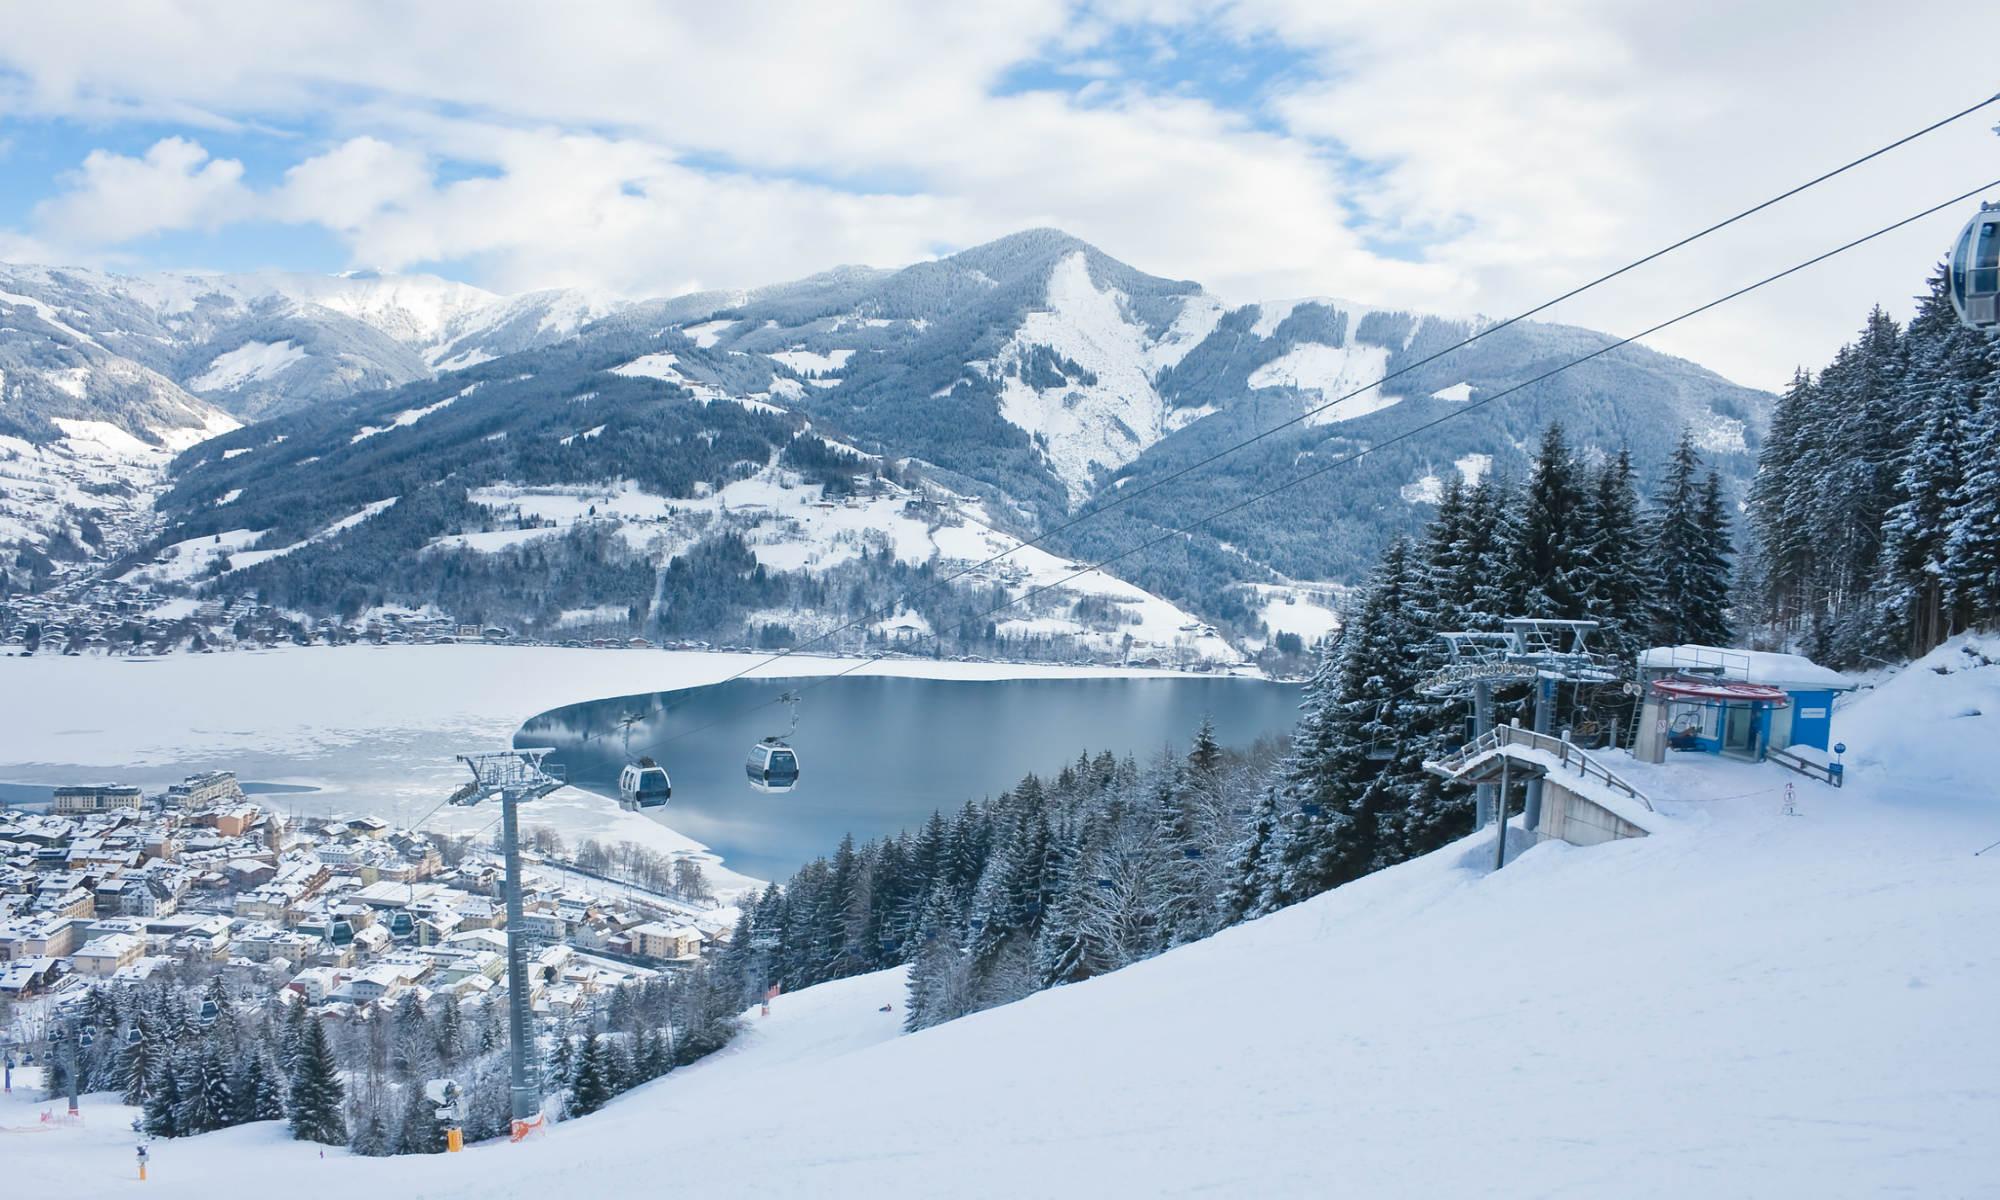 Tijdens een skiles bij een van de skischolen in Zell am See heb je een prachtig uitzicht op de bergen en de Zeller See.